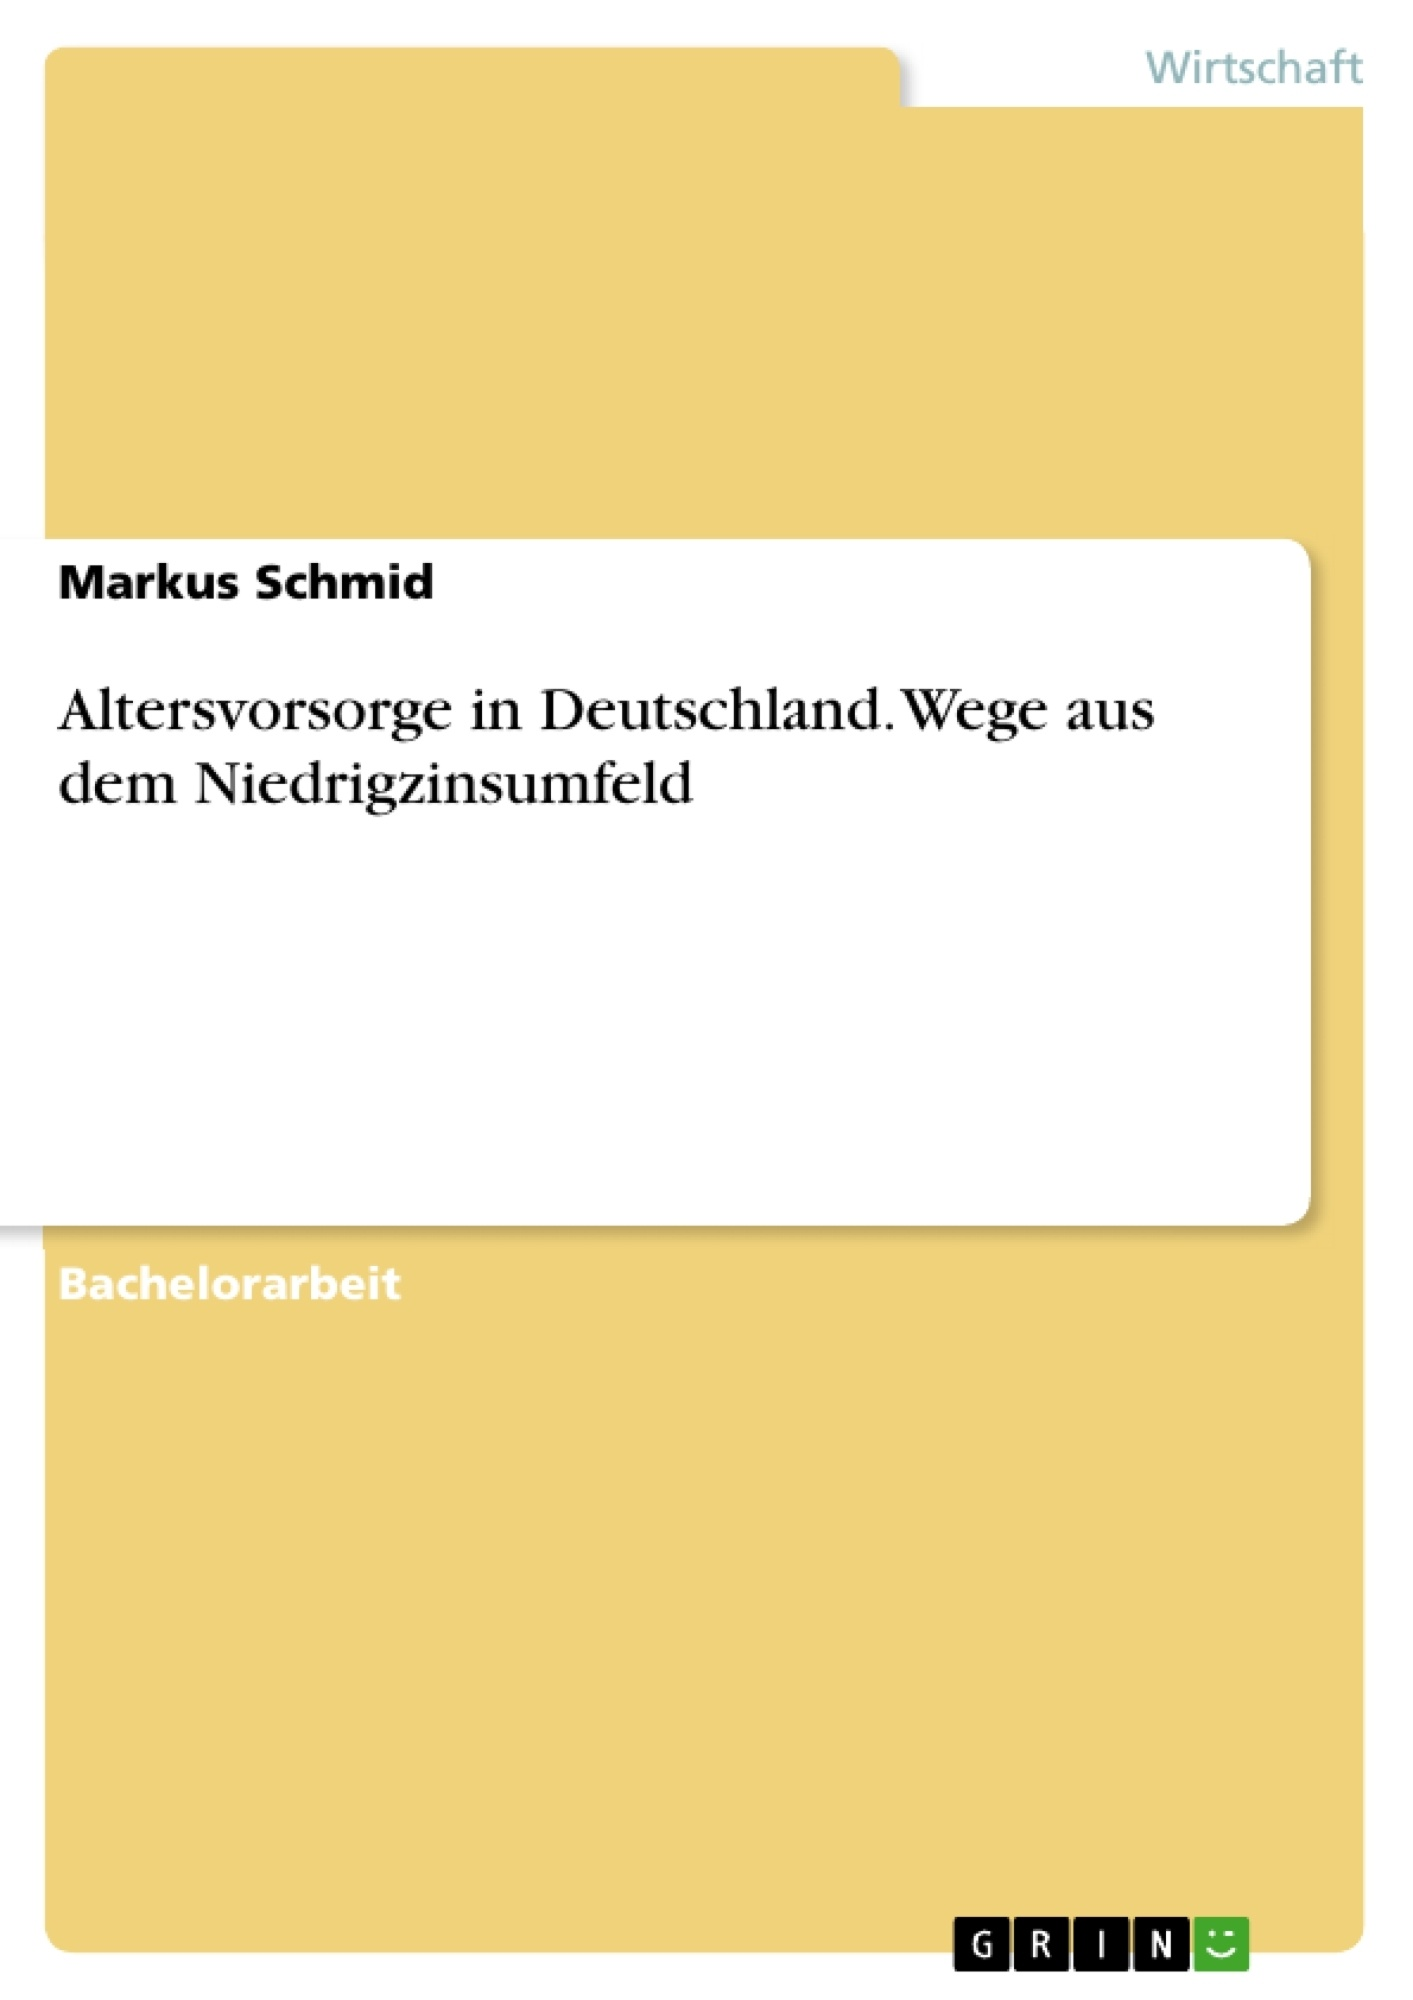 Titel: Altersvorsorge in Deutschland. Wege aus dem Niedrigzinsumfeld